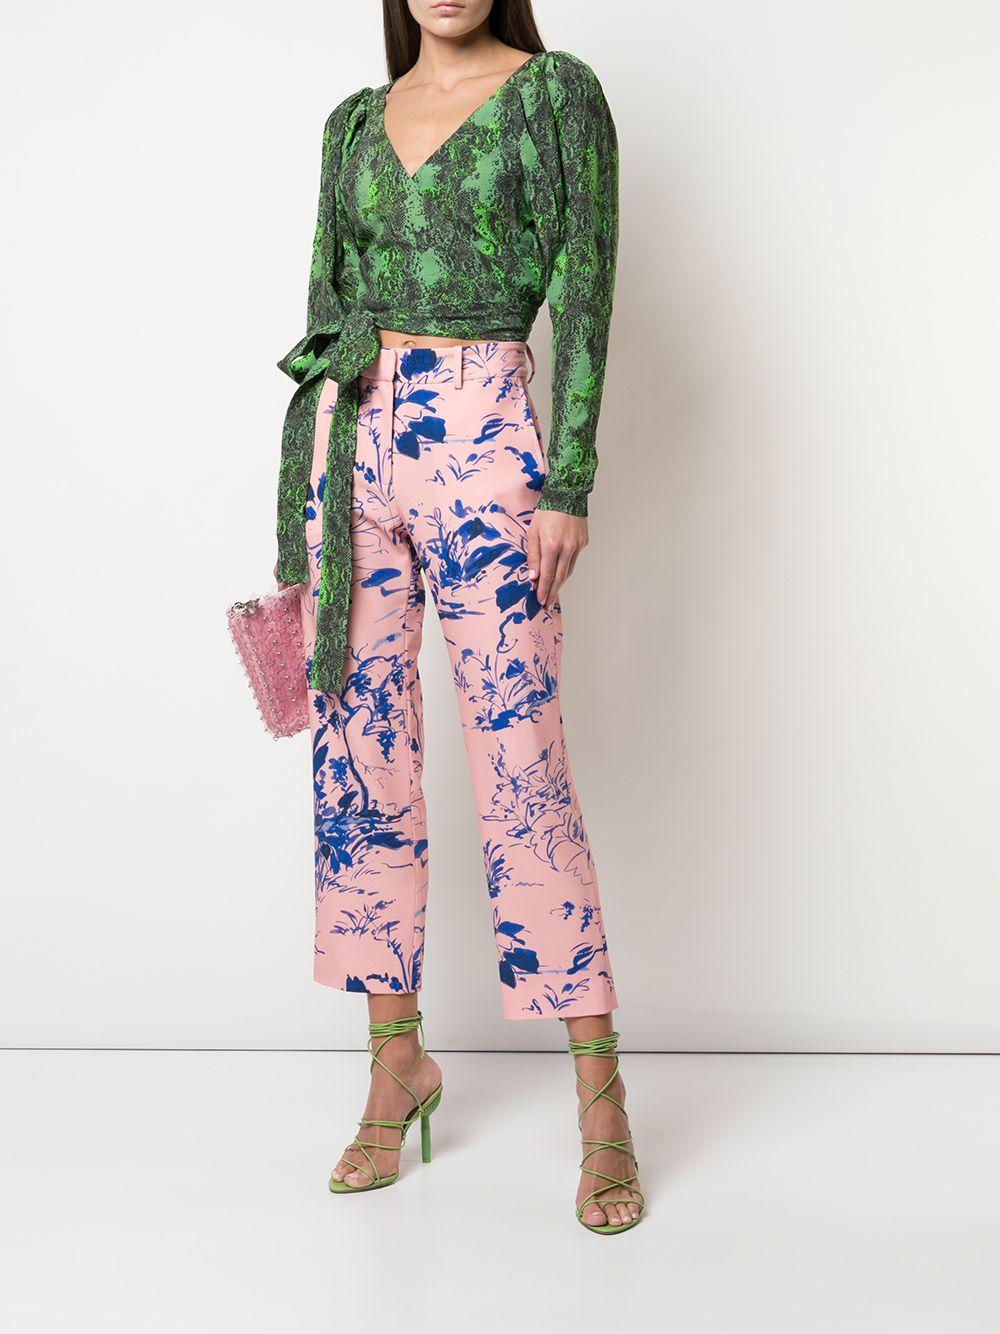 Pantalones Willa capri Sies Marjan de Algodón de color Rosa